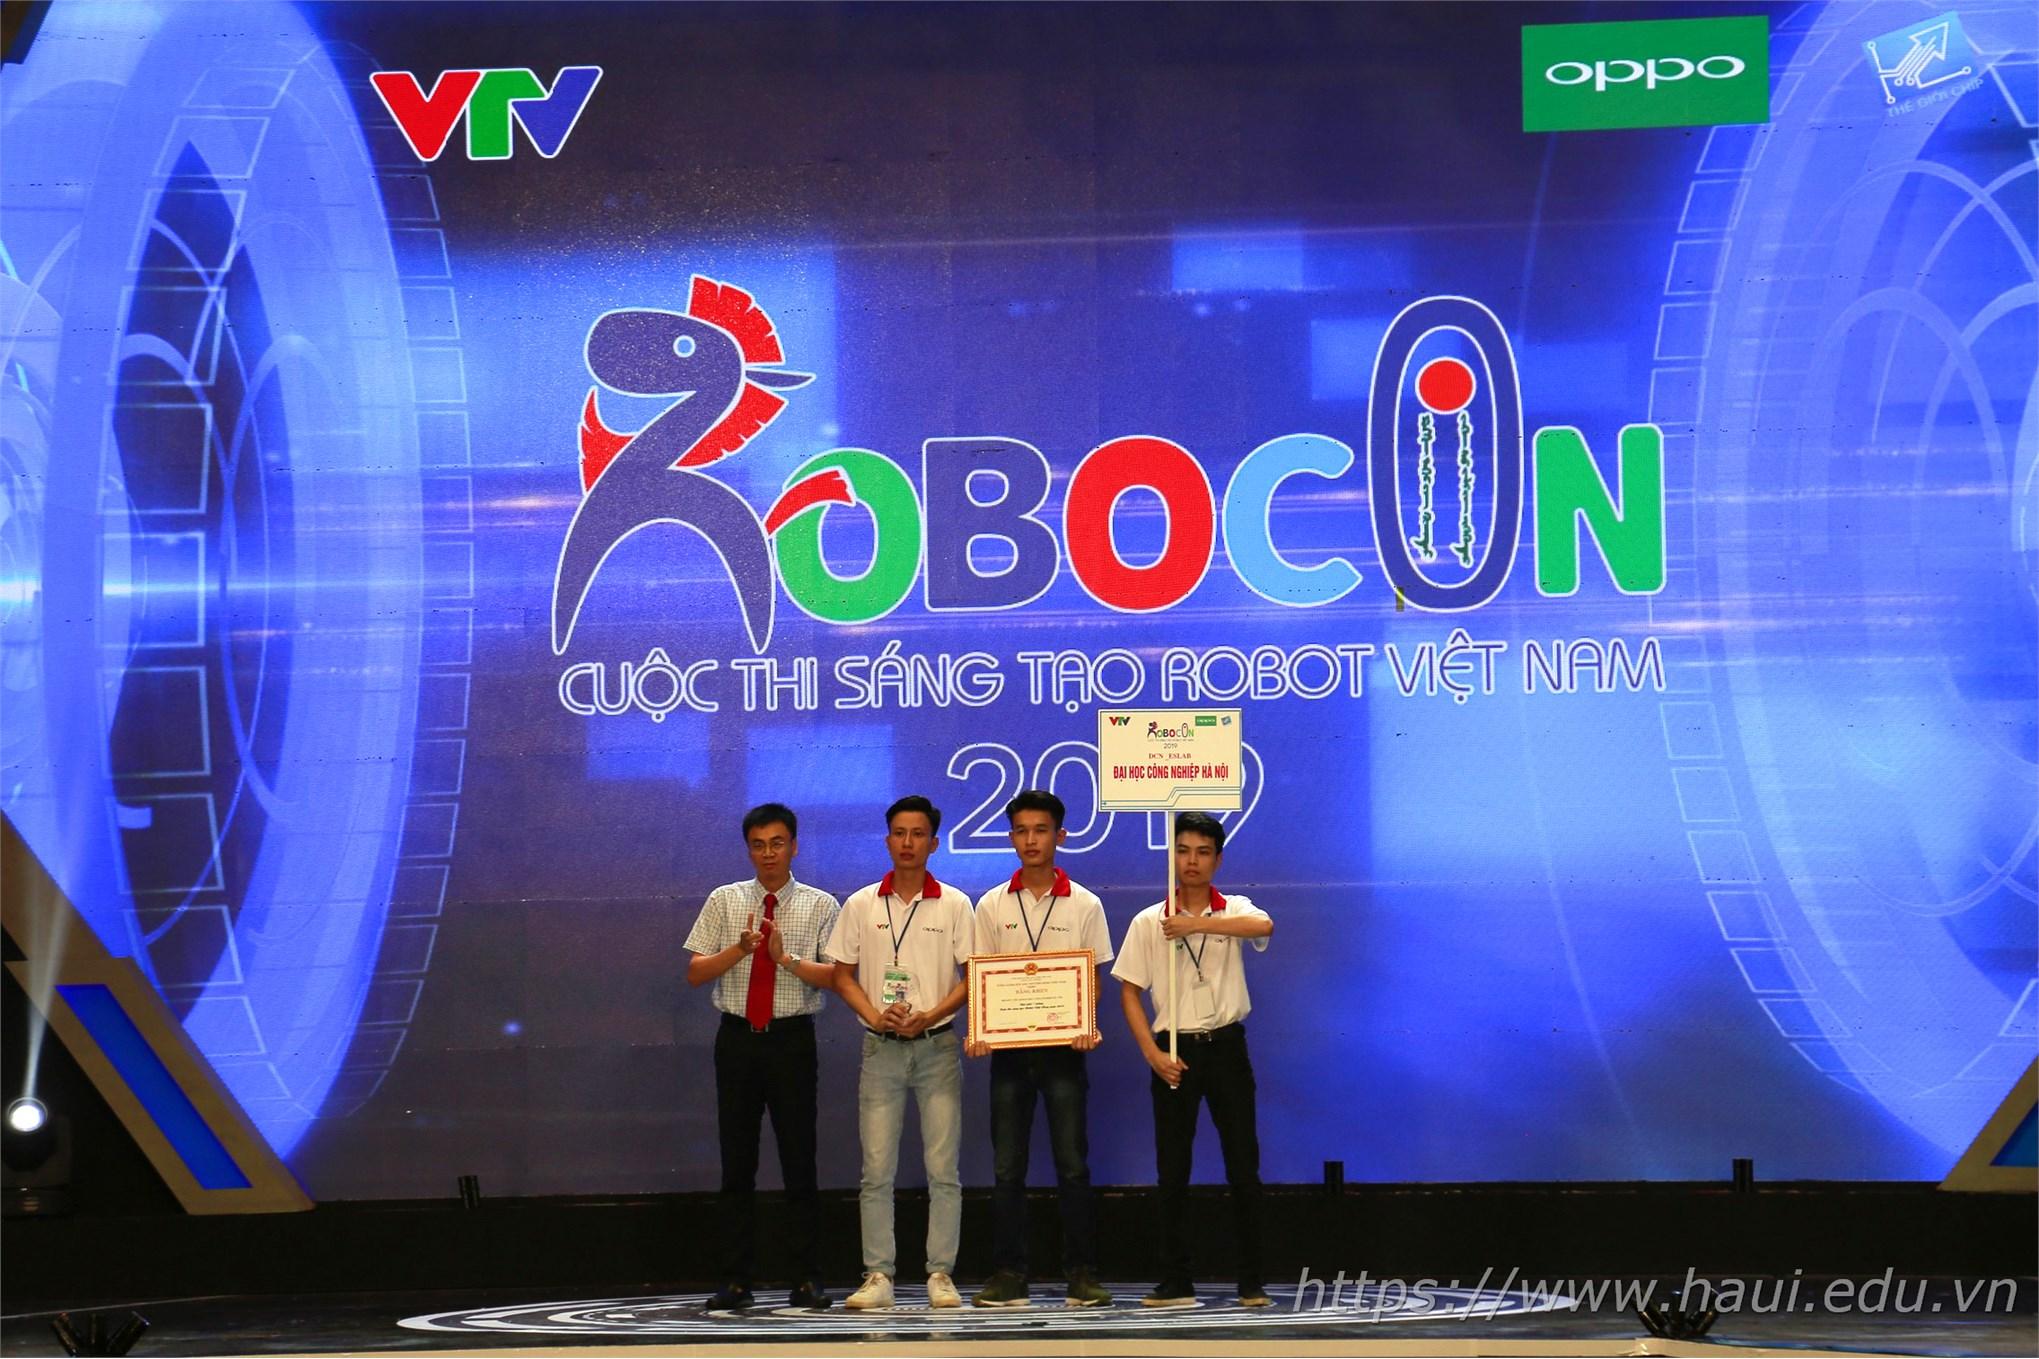 Đại học Công nghiệp Hà Nội giành giải Ba tại Cuộc thi Sáng tạo Robocon Việt Nam 2019